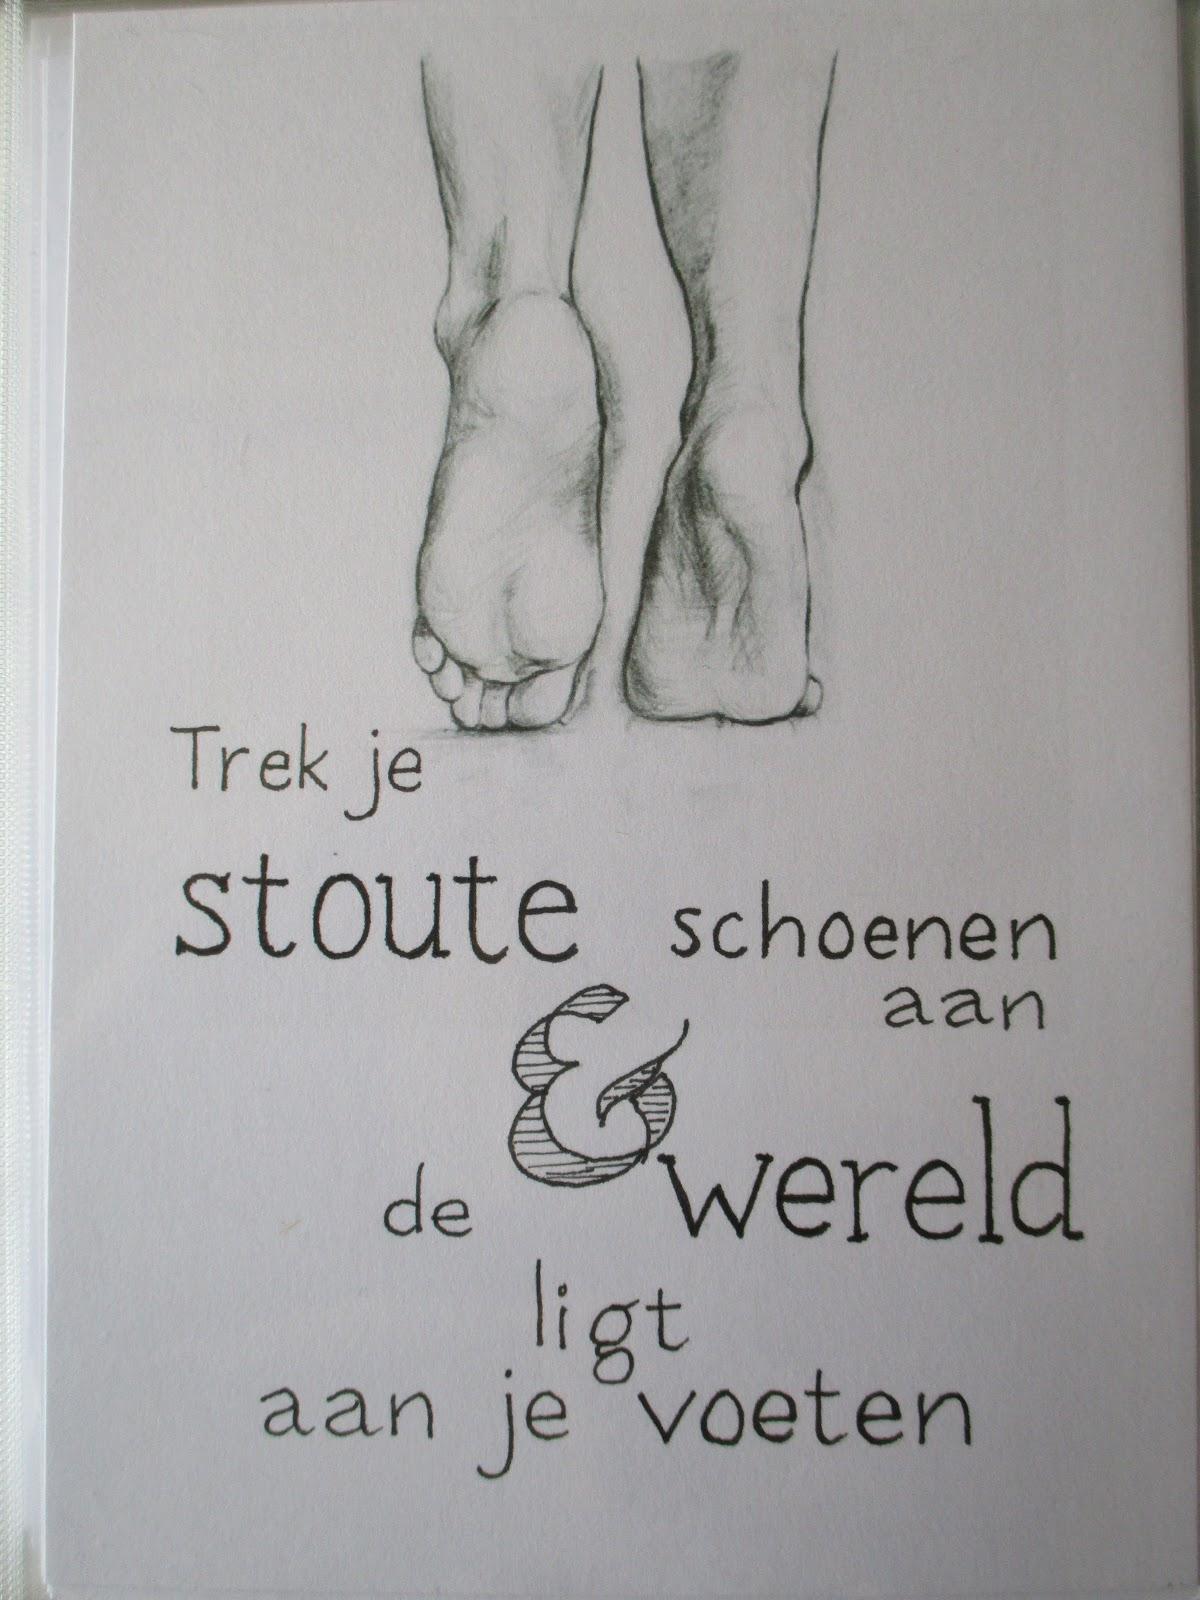 voeten spreuken Kolder op zolder: Handletteren met gevoel voeten spreuken